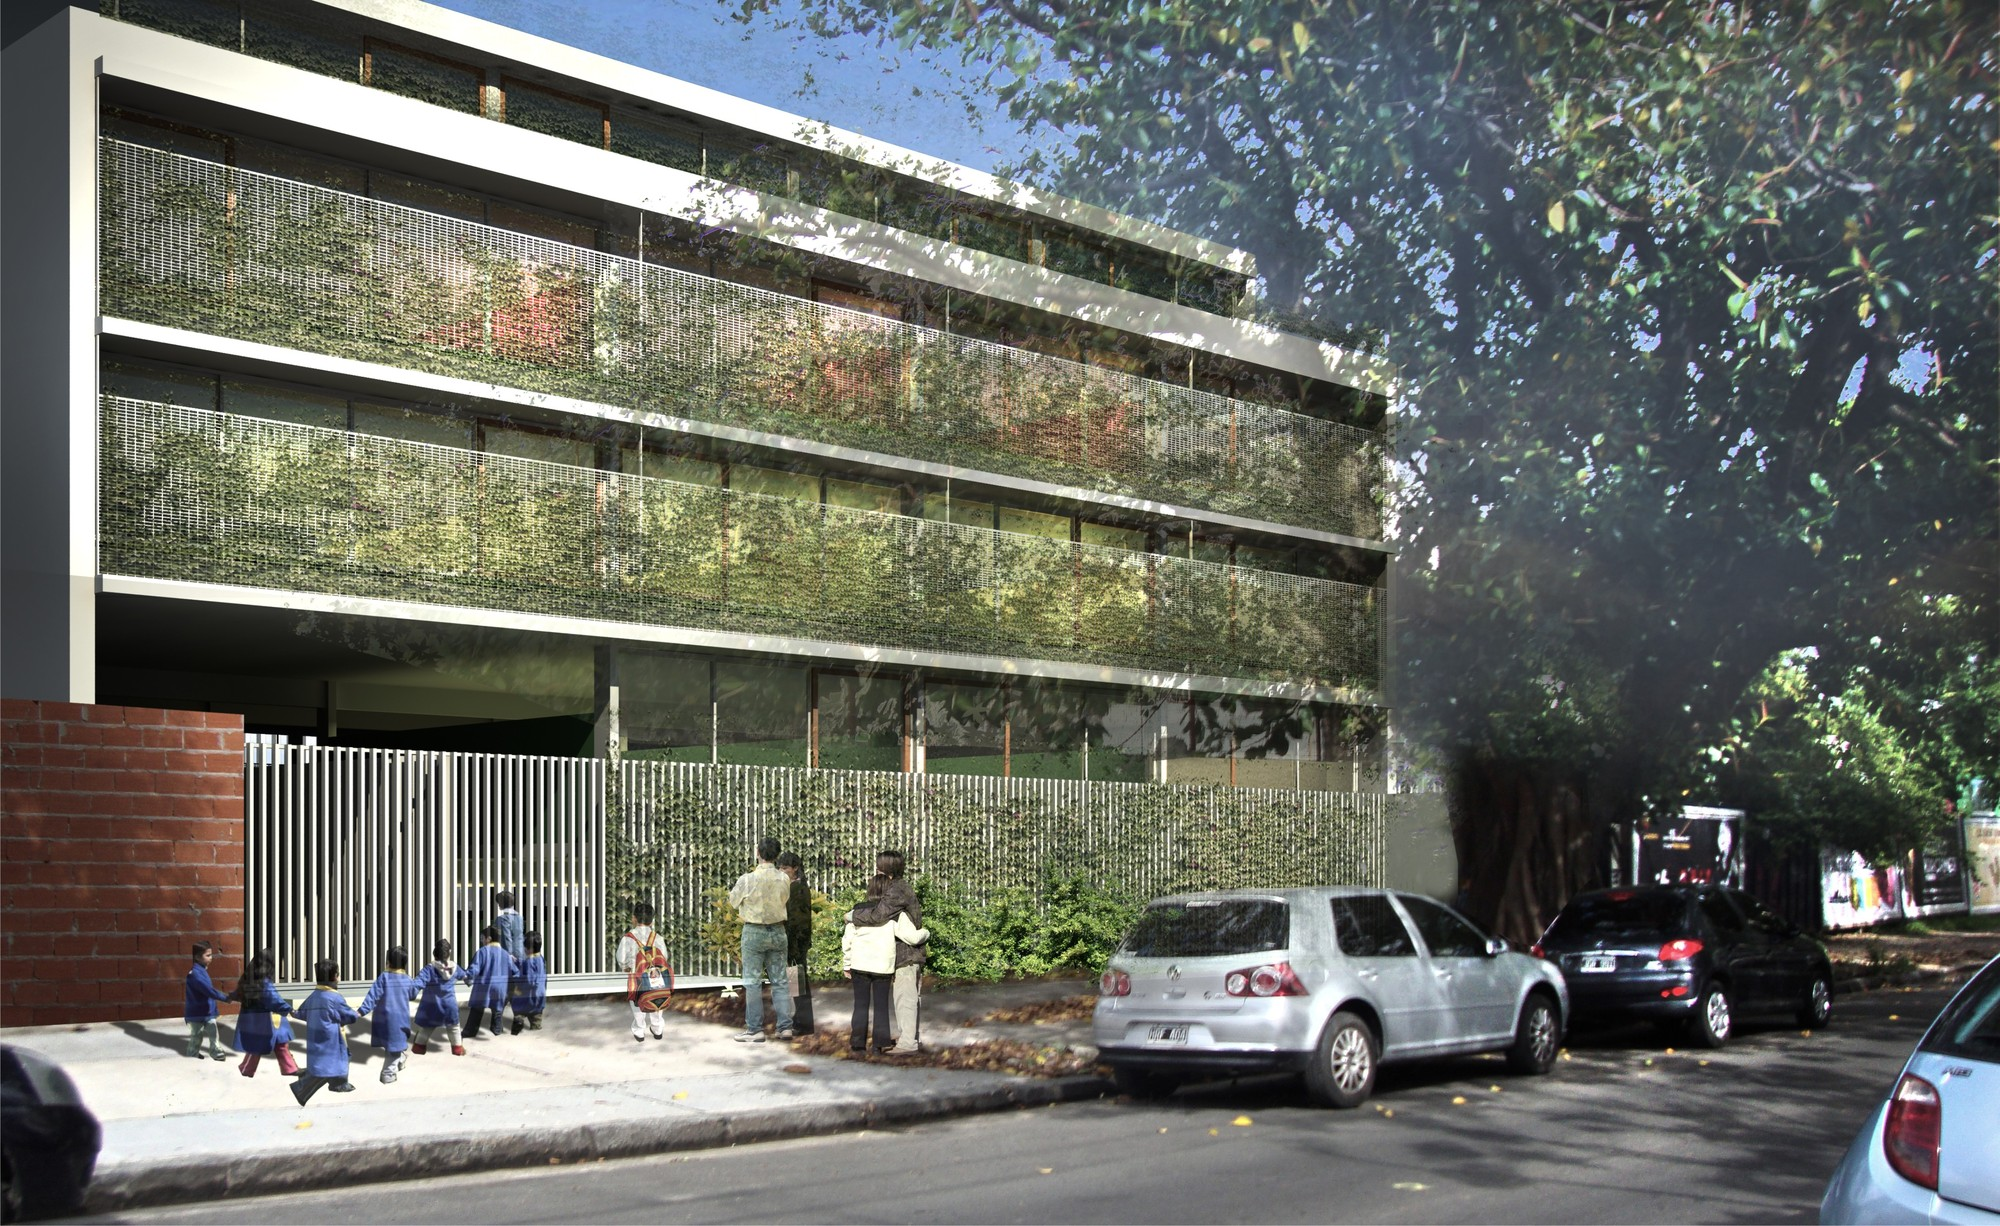 Menci n concurso hacia una nueva arquitectura escolar for Hacia una arquitectura